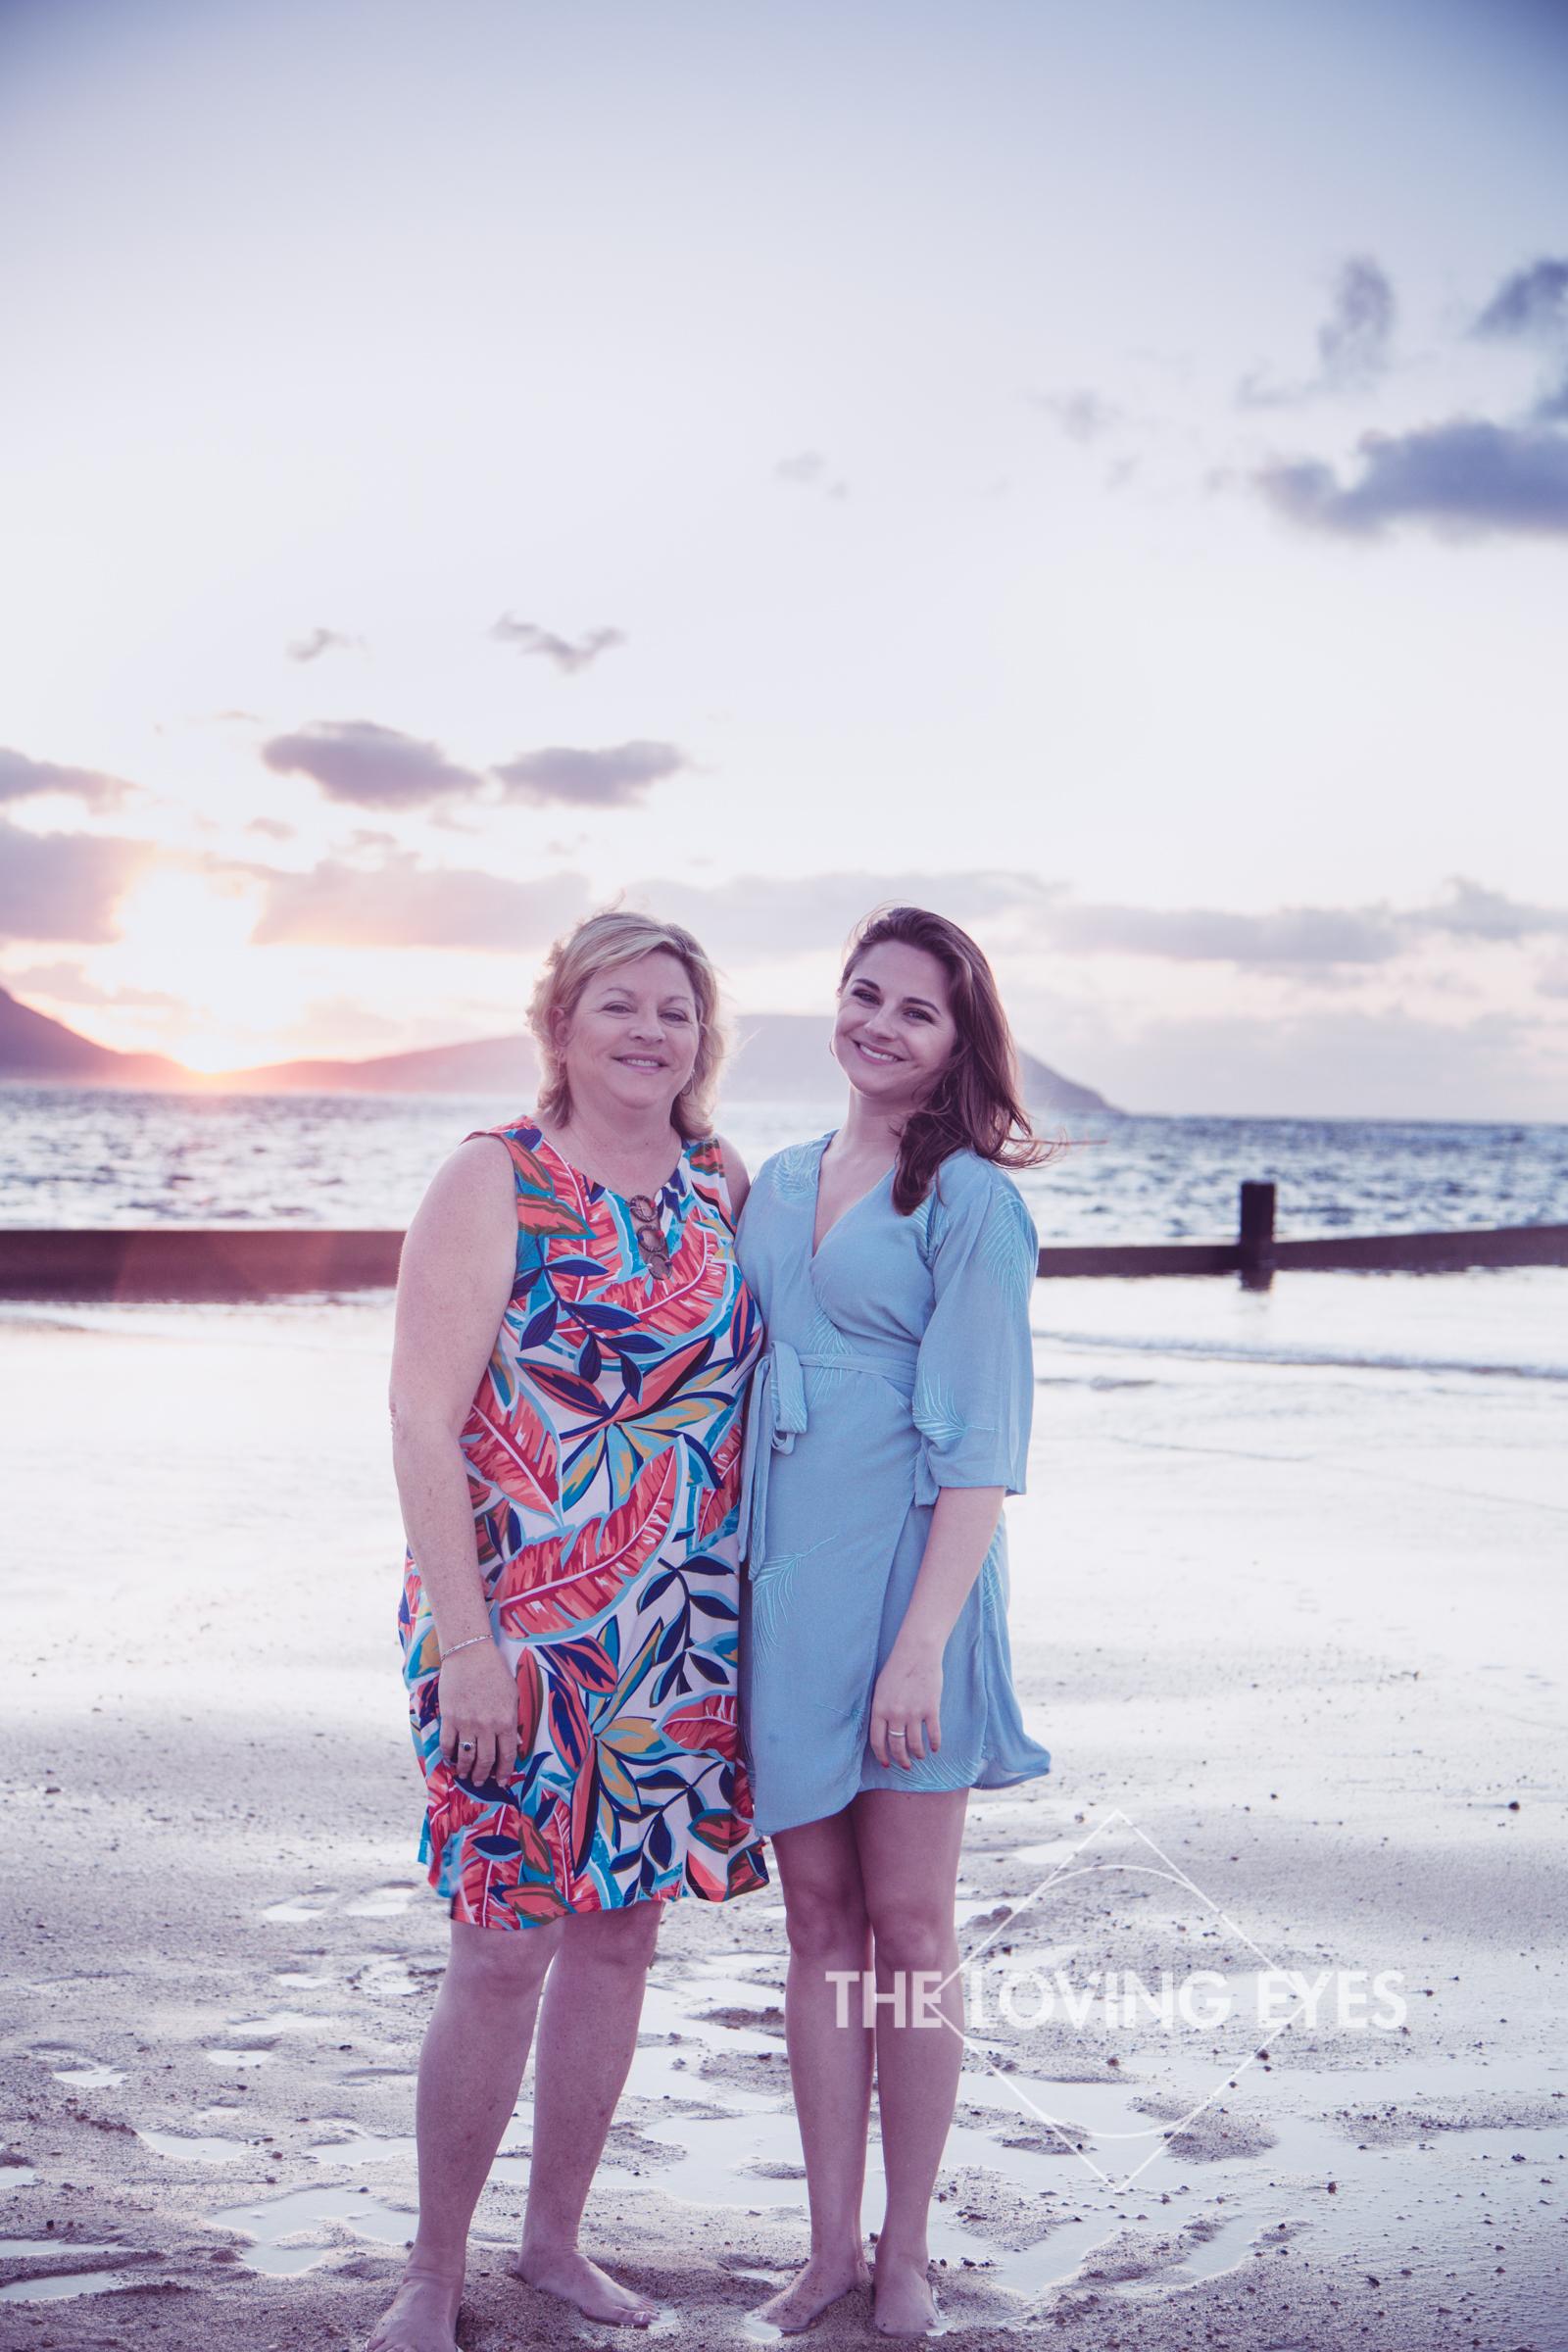 Hawaii-family-vacation-beach-photo.jpg